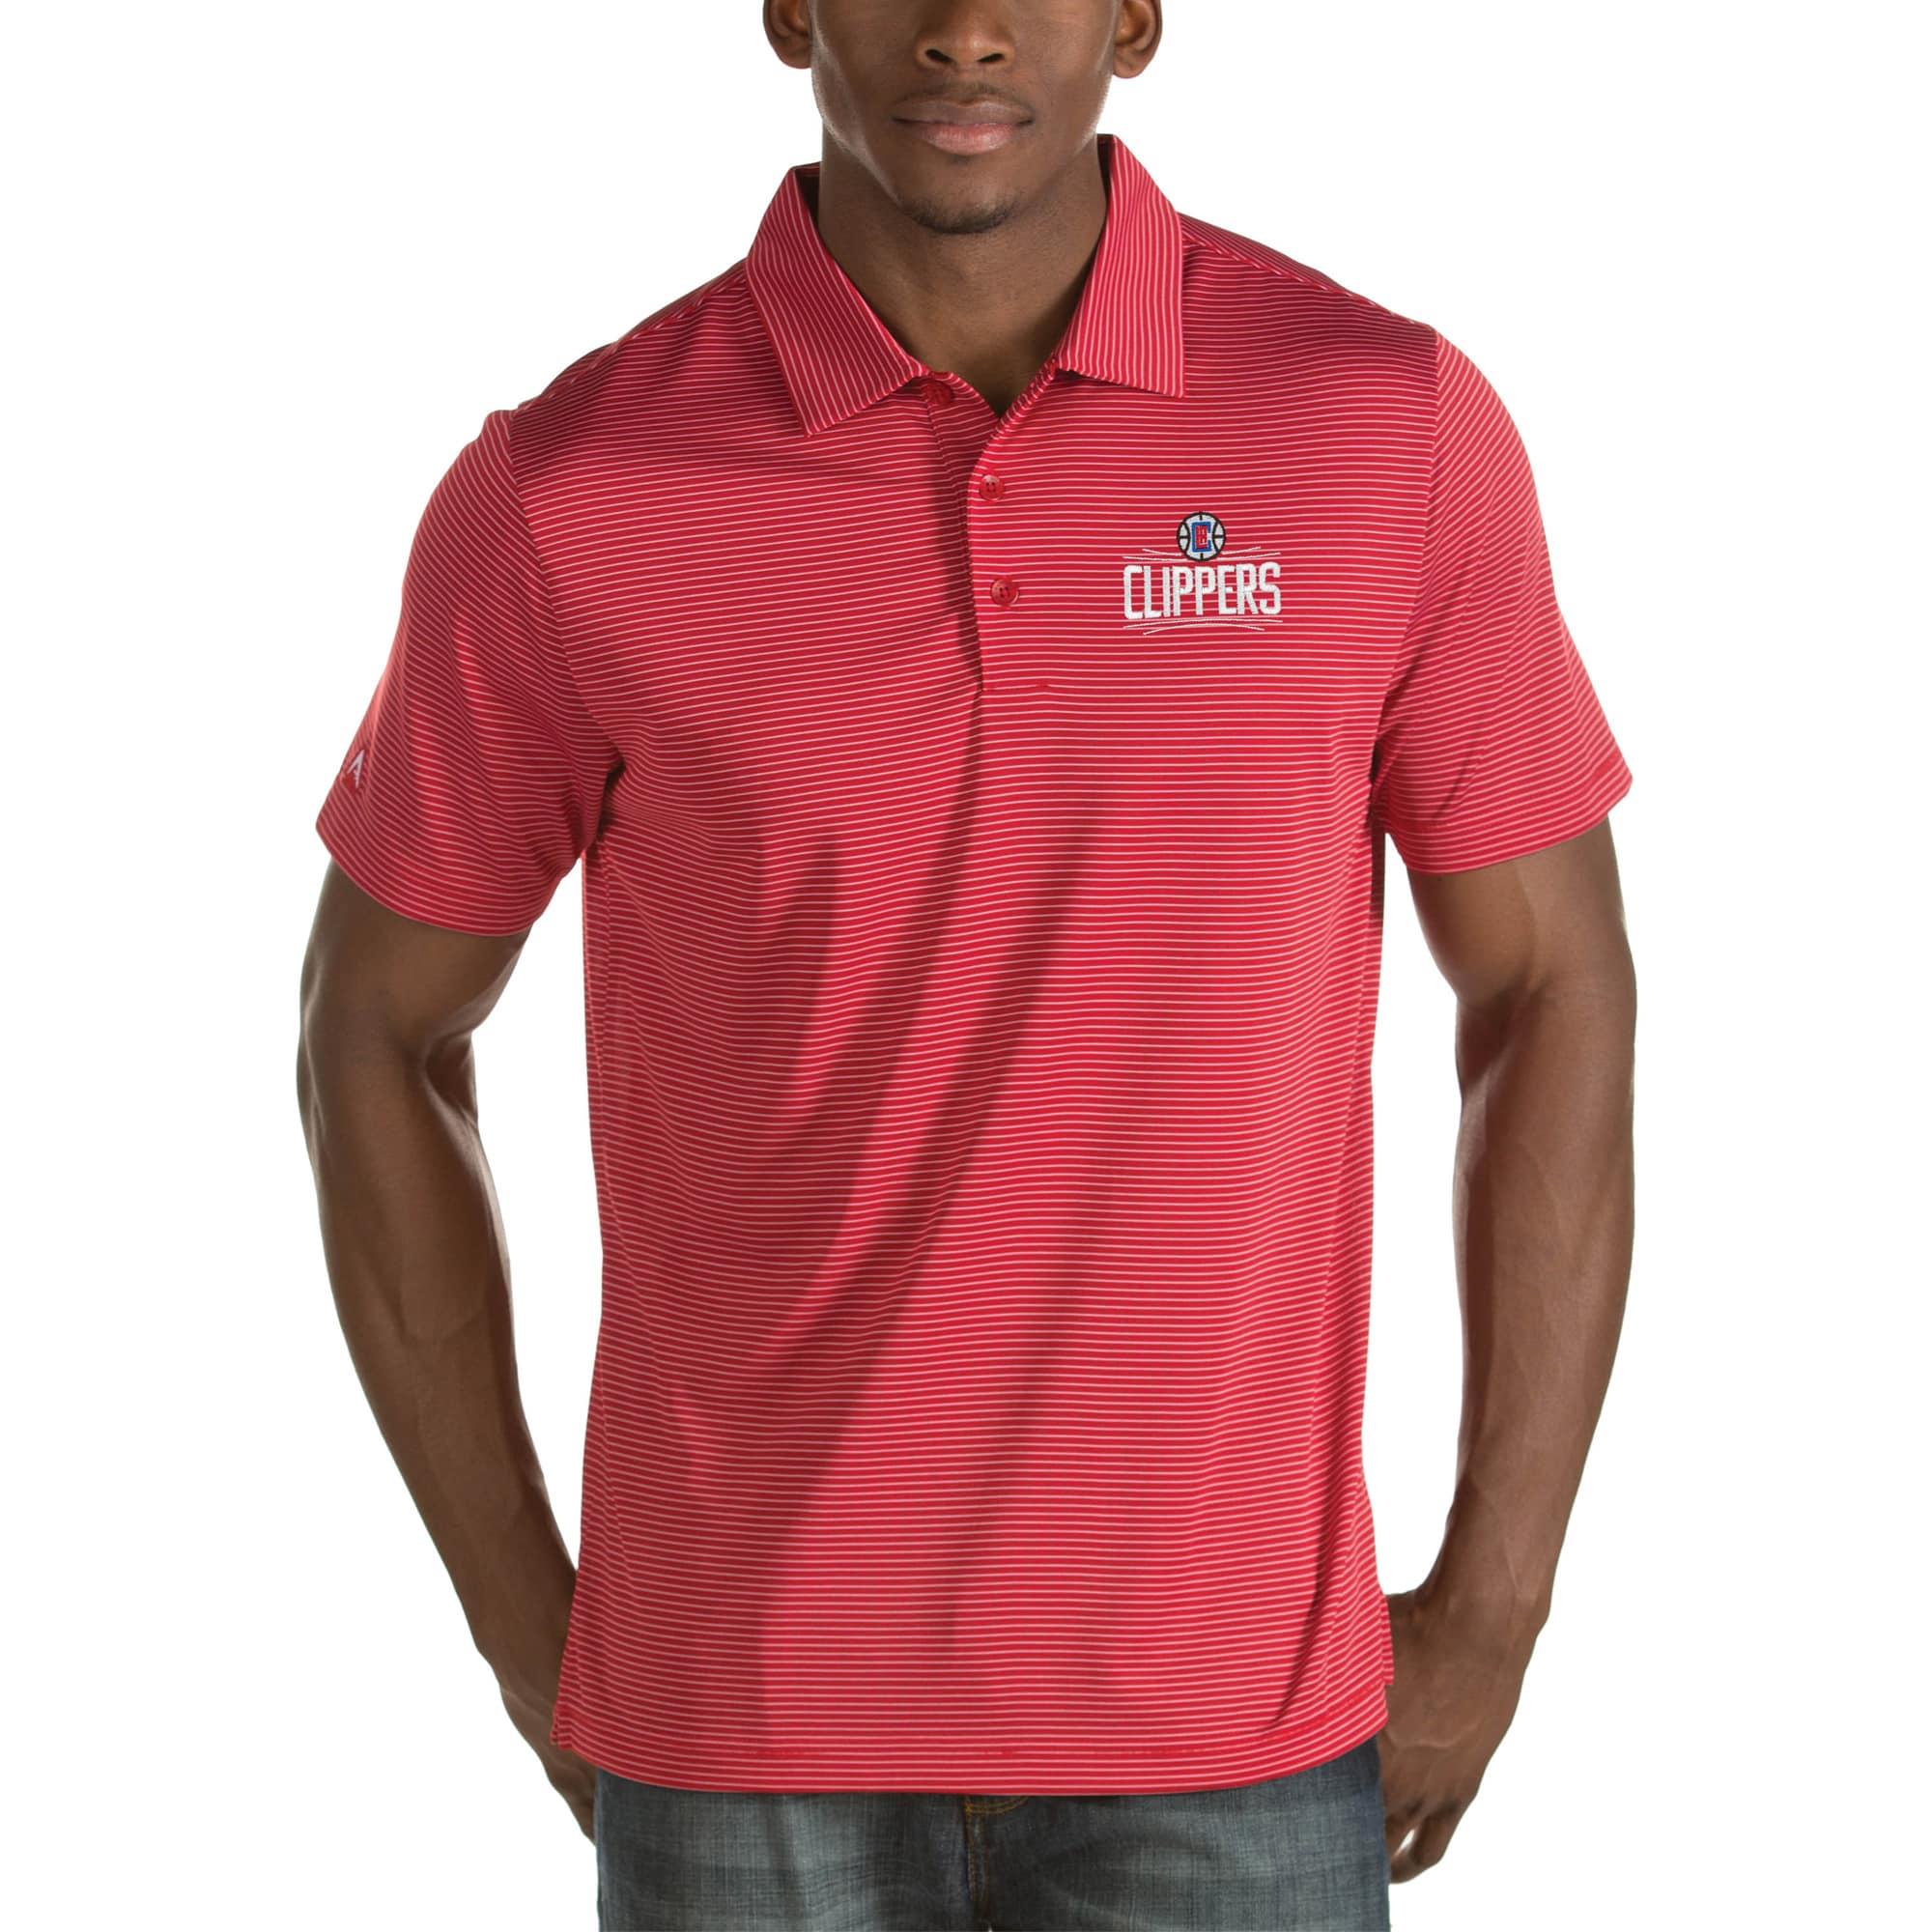 LA Clippers Antigua Quest Big & Tall Polo - Red